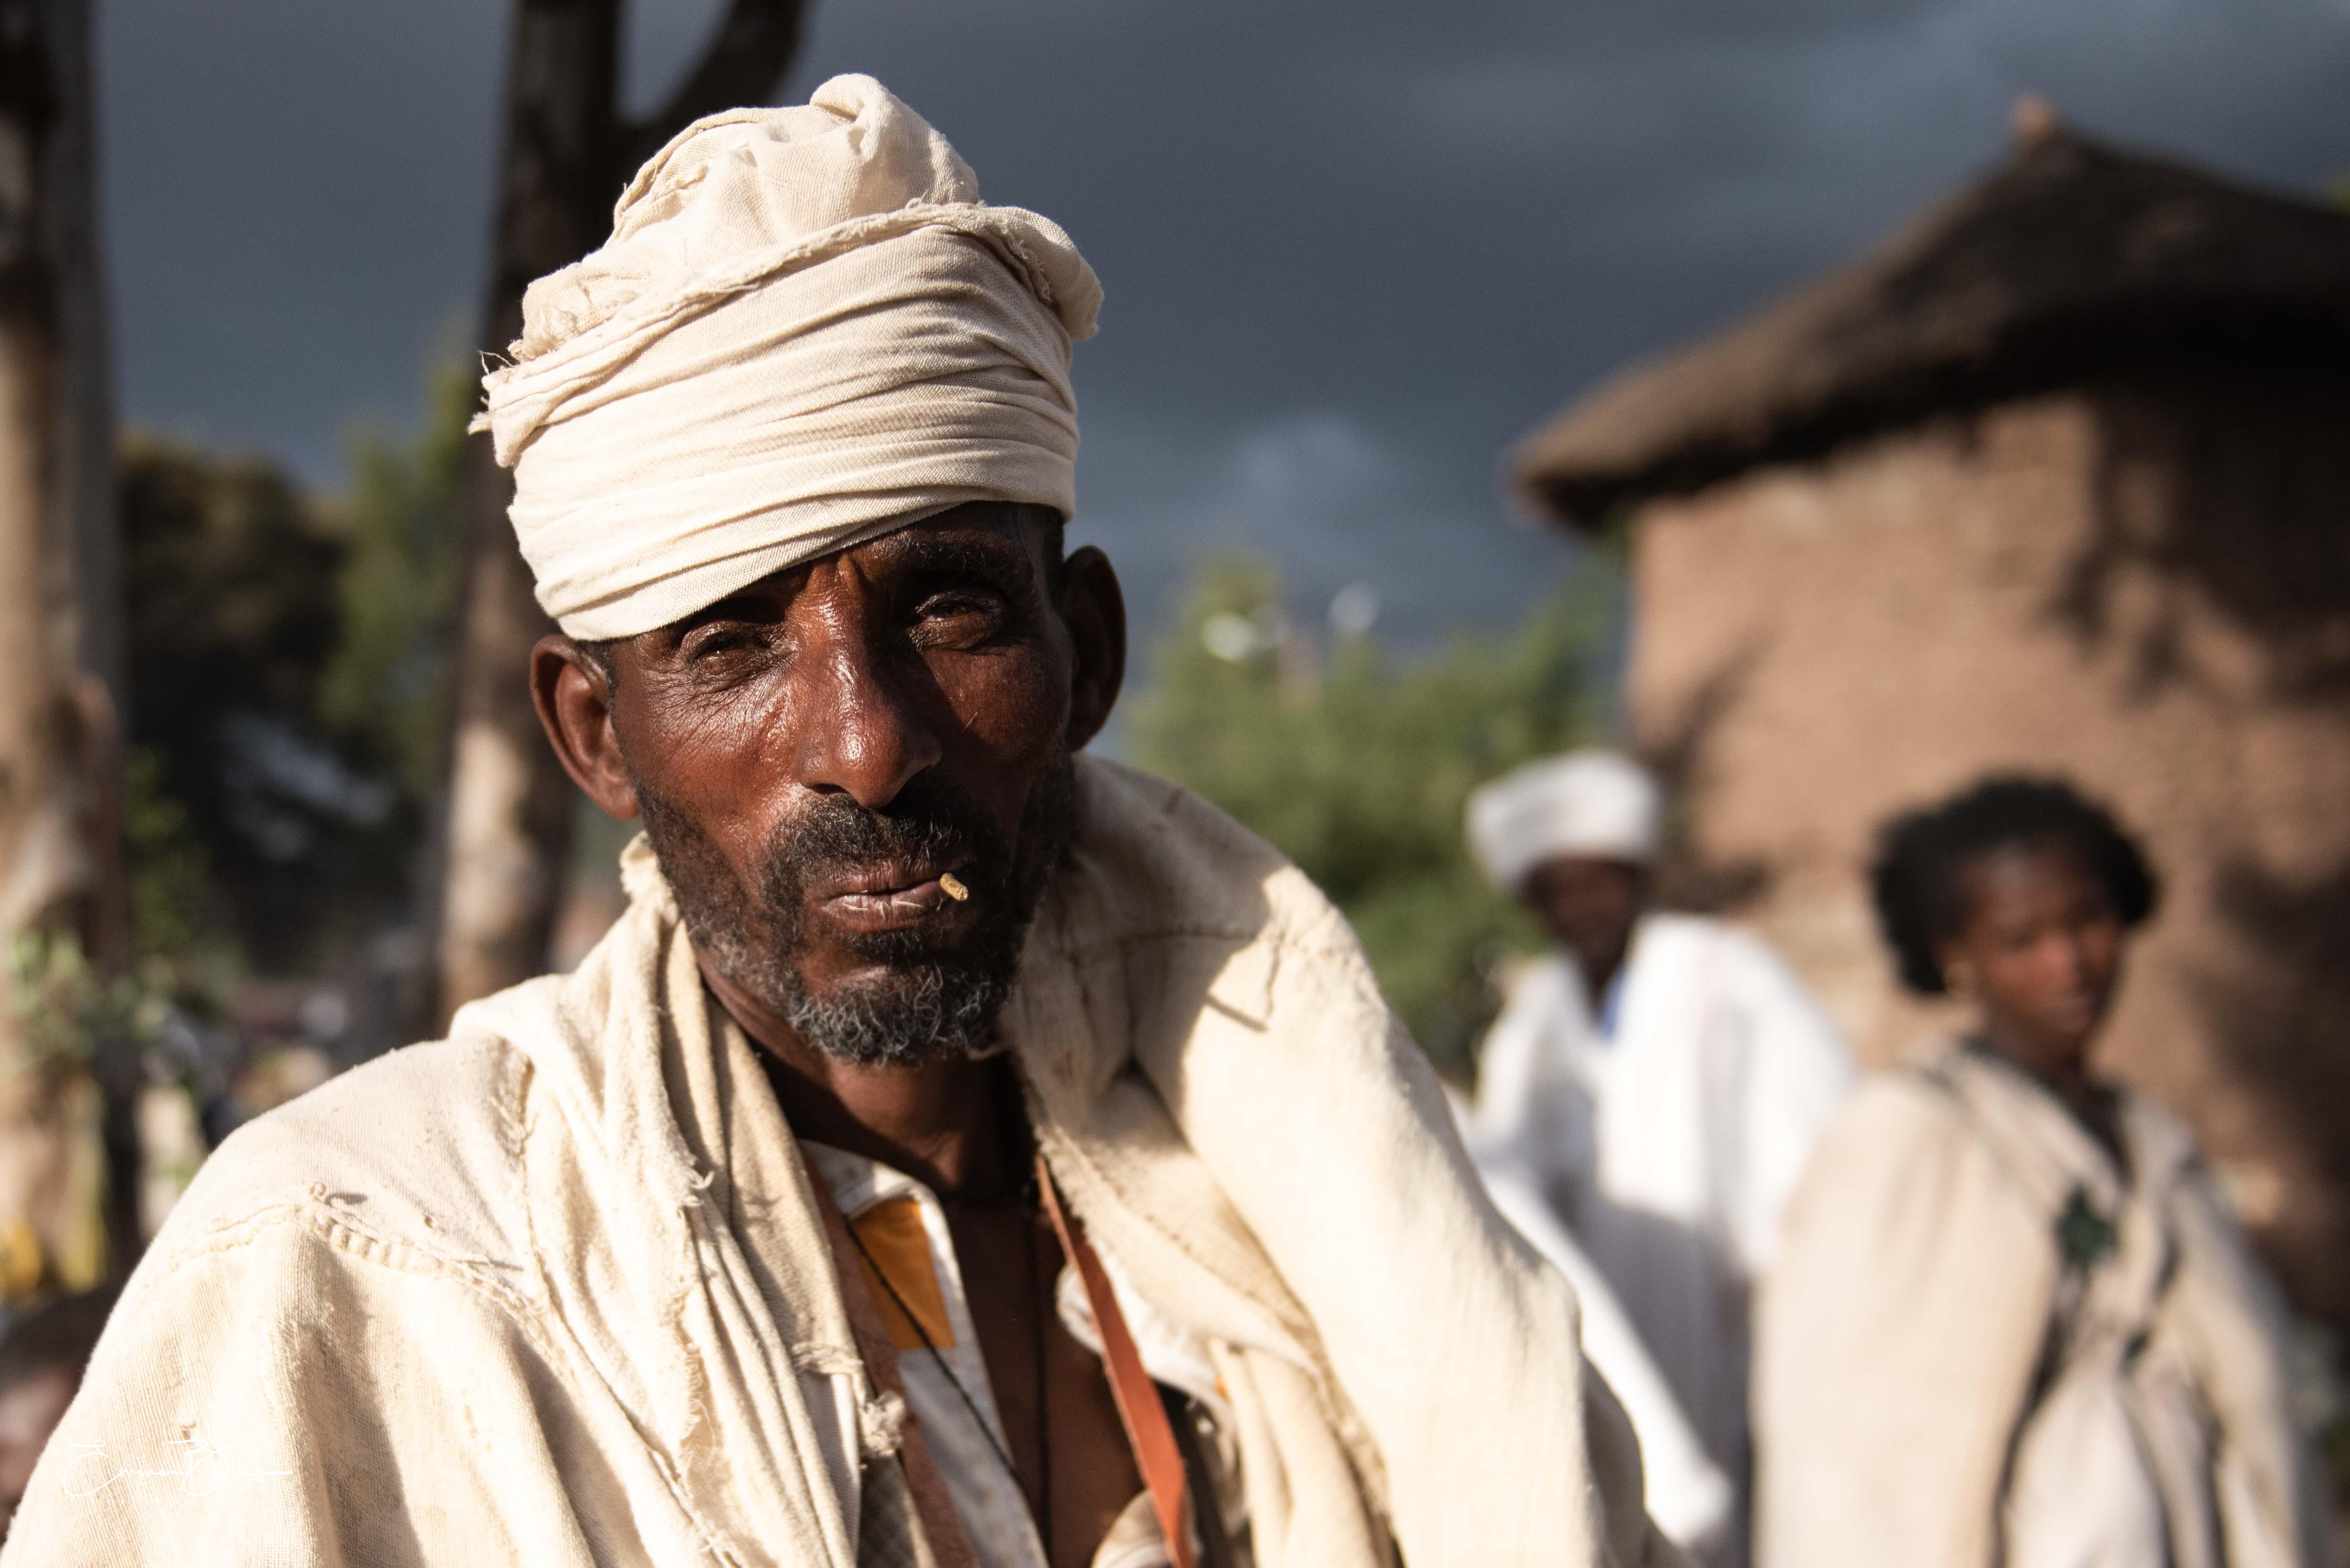 EB_20_01_05_Ethiopia_0163